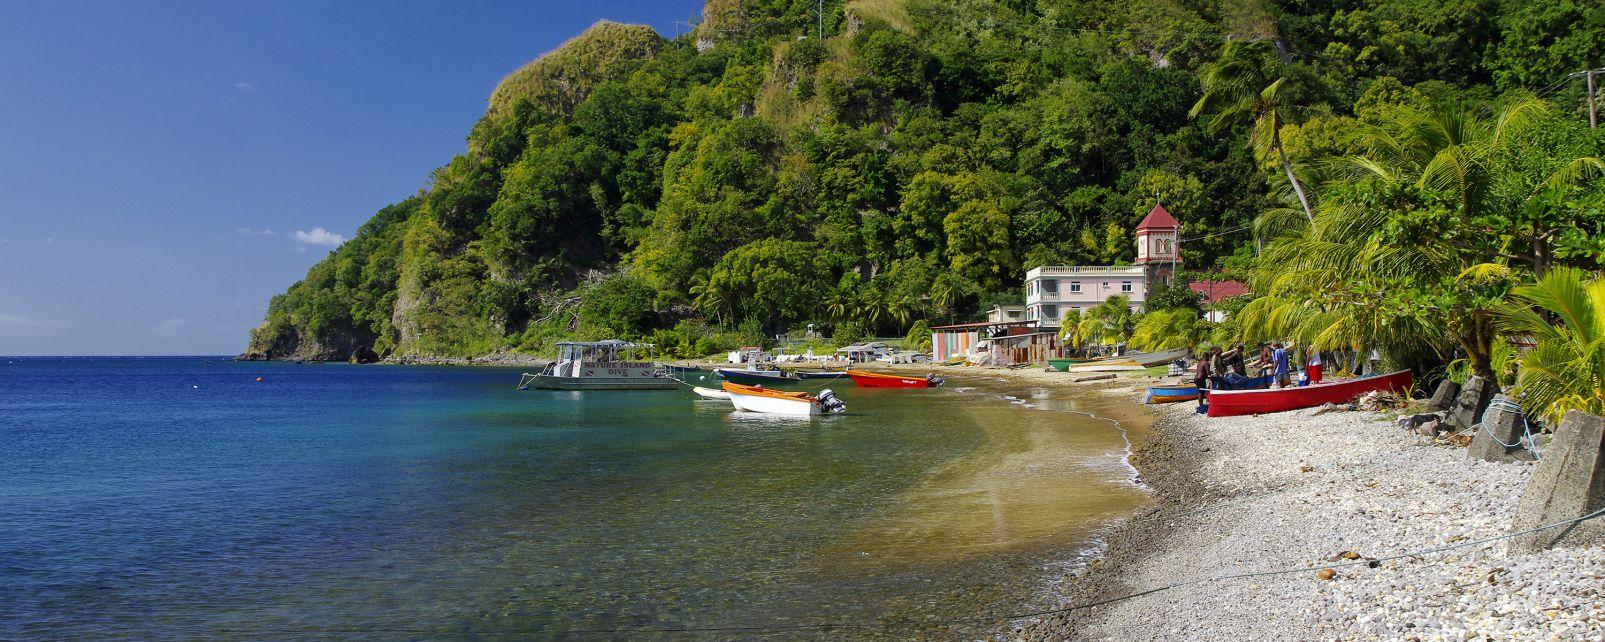 Le spiagge di Dominica, Le spiagge, Le rive, Dominica